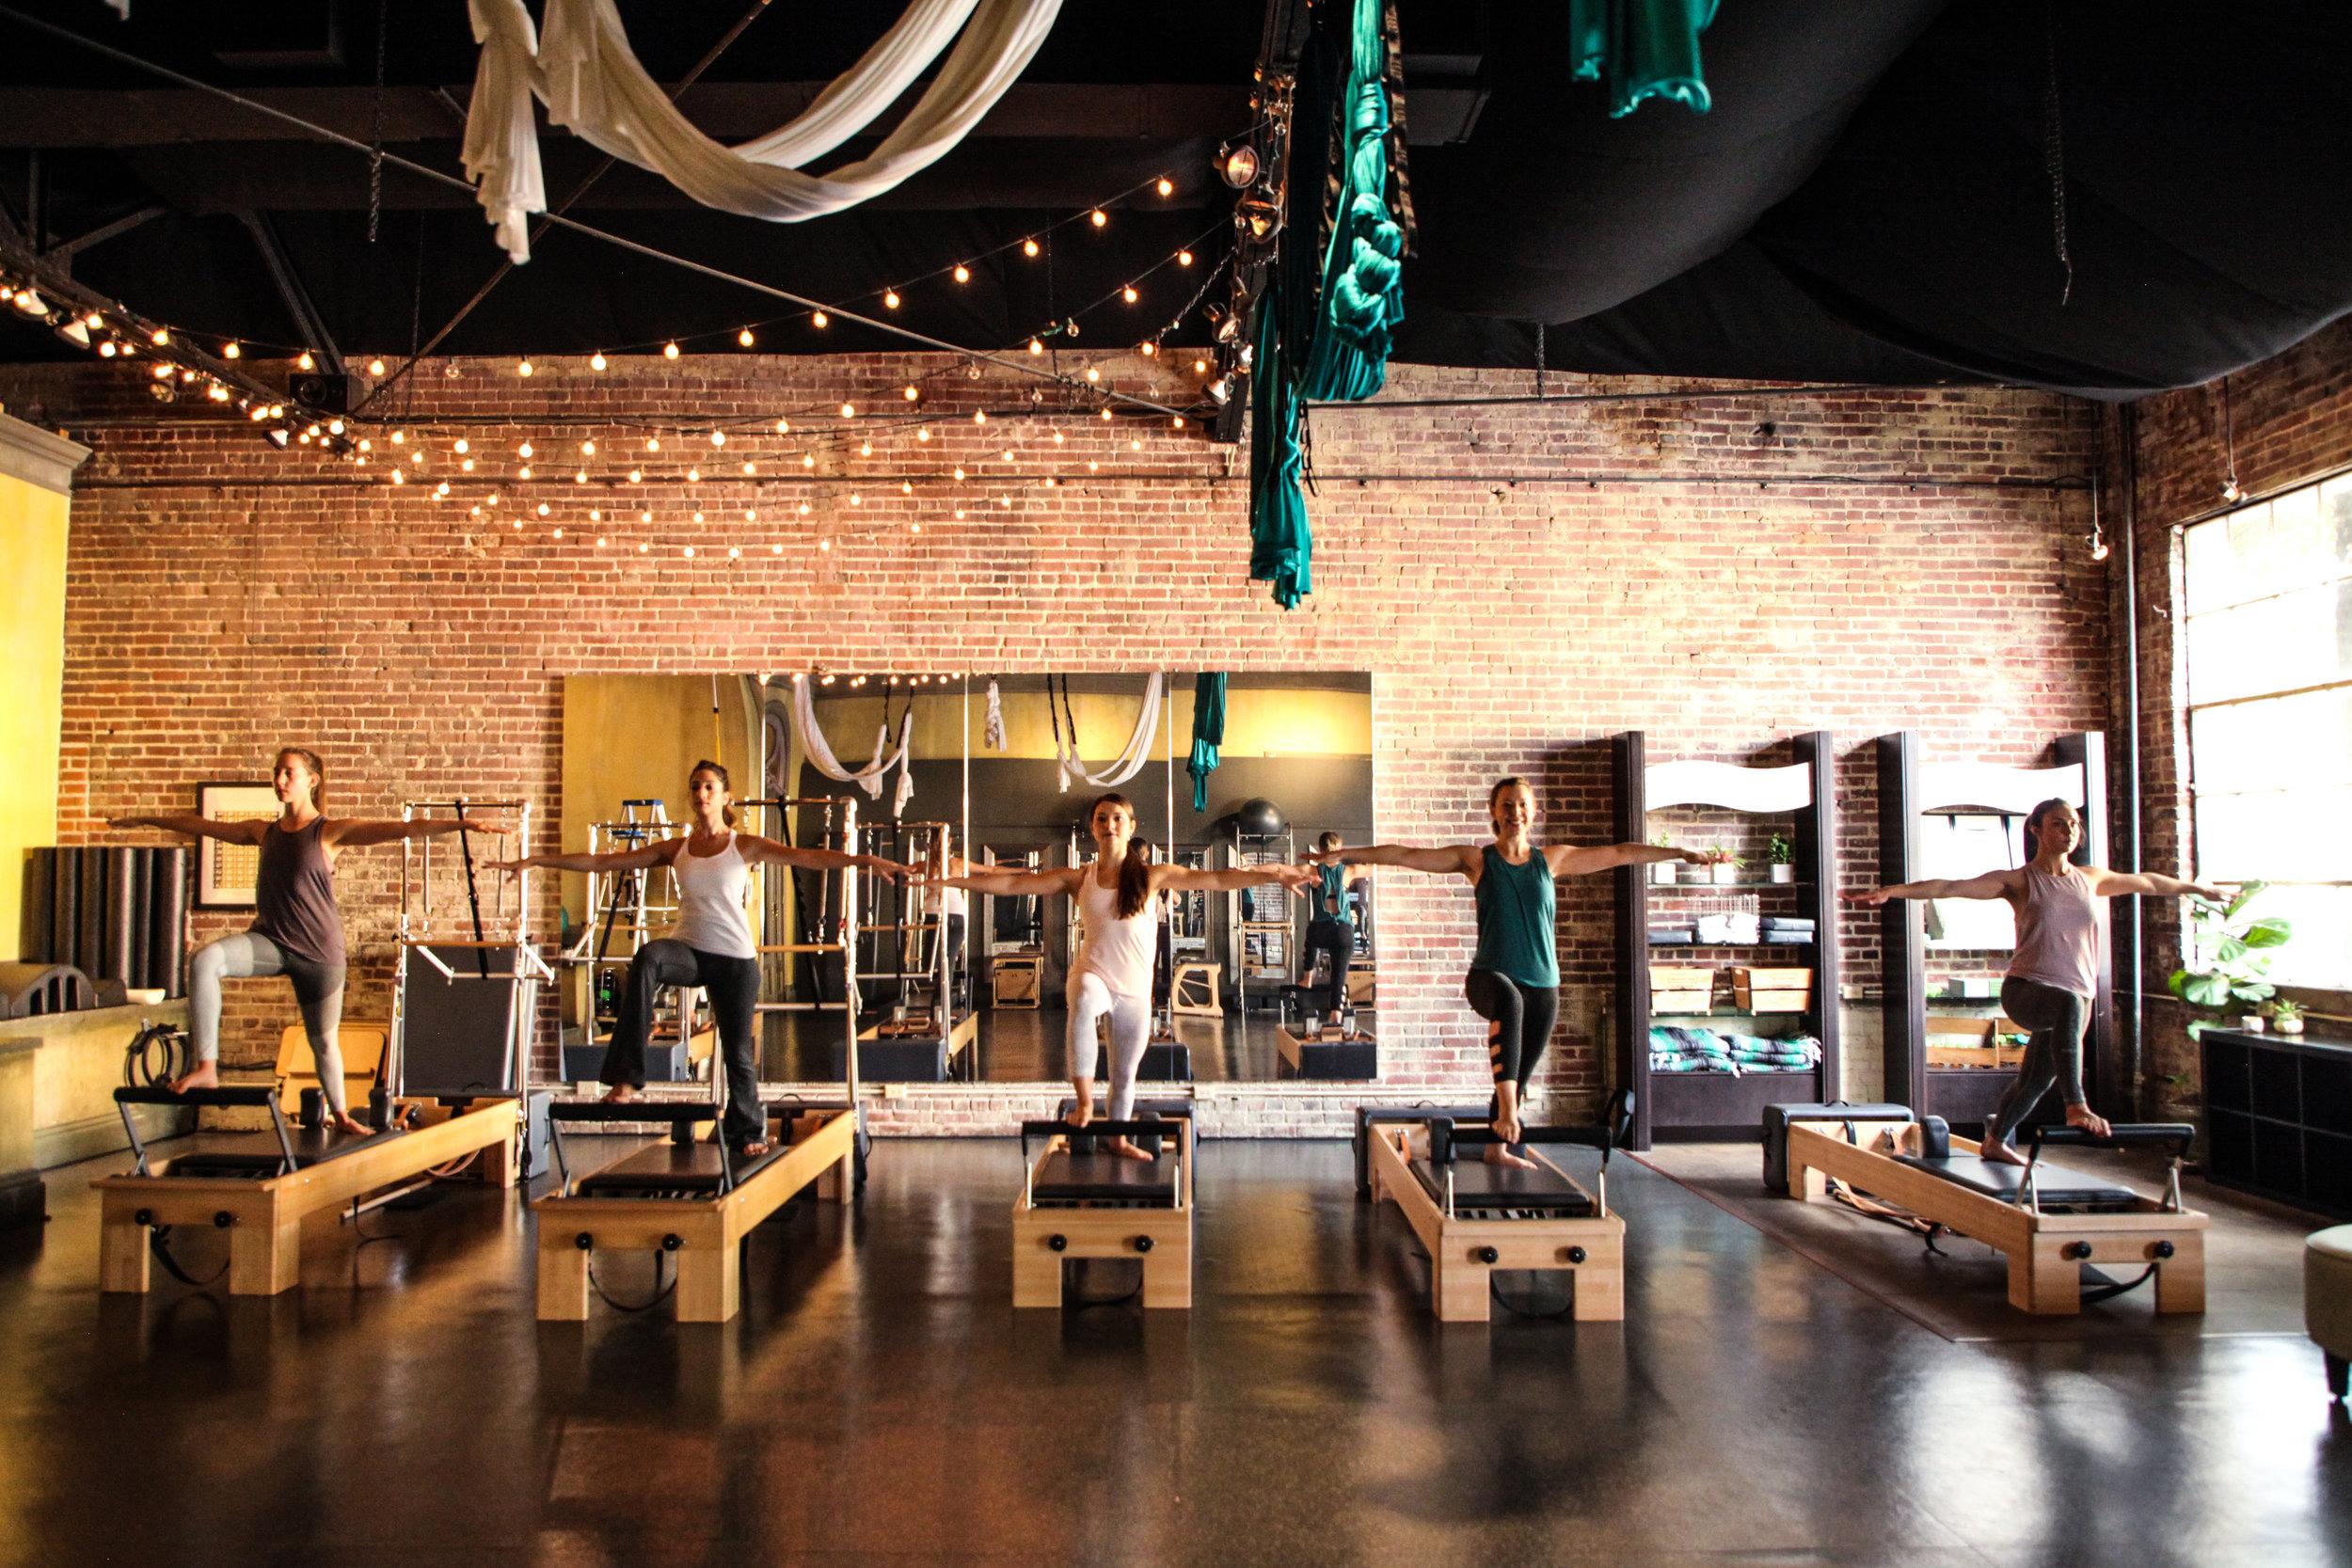 Aero Joe Pilates Studio